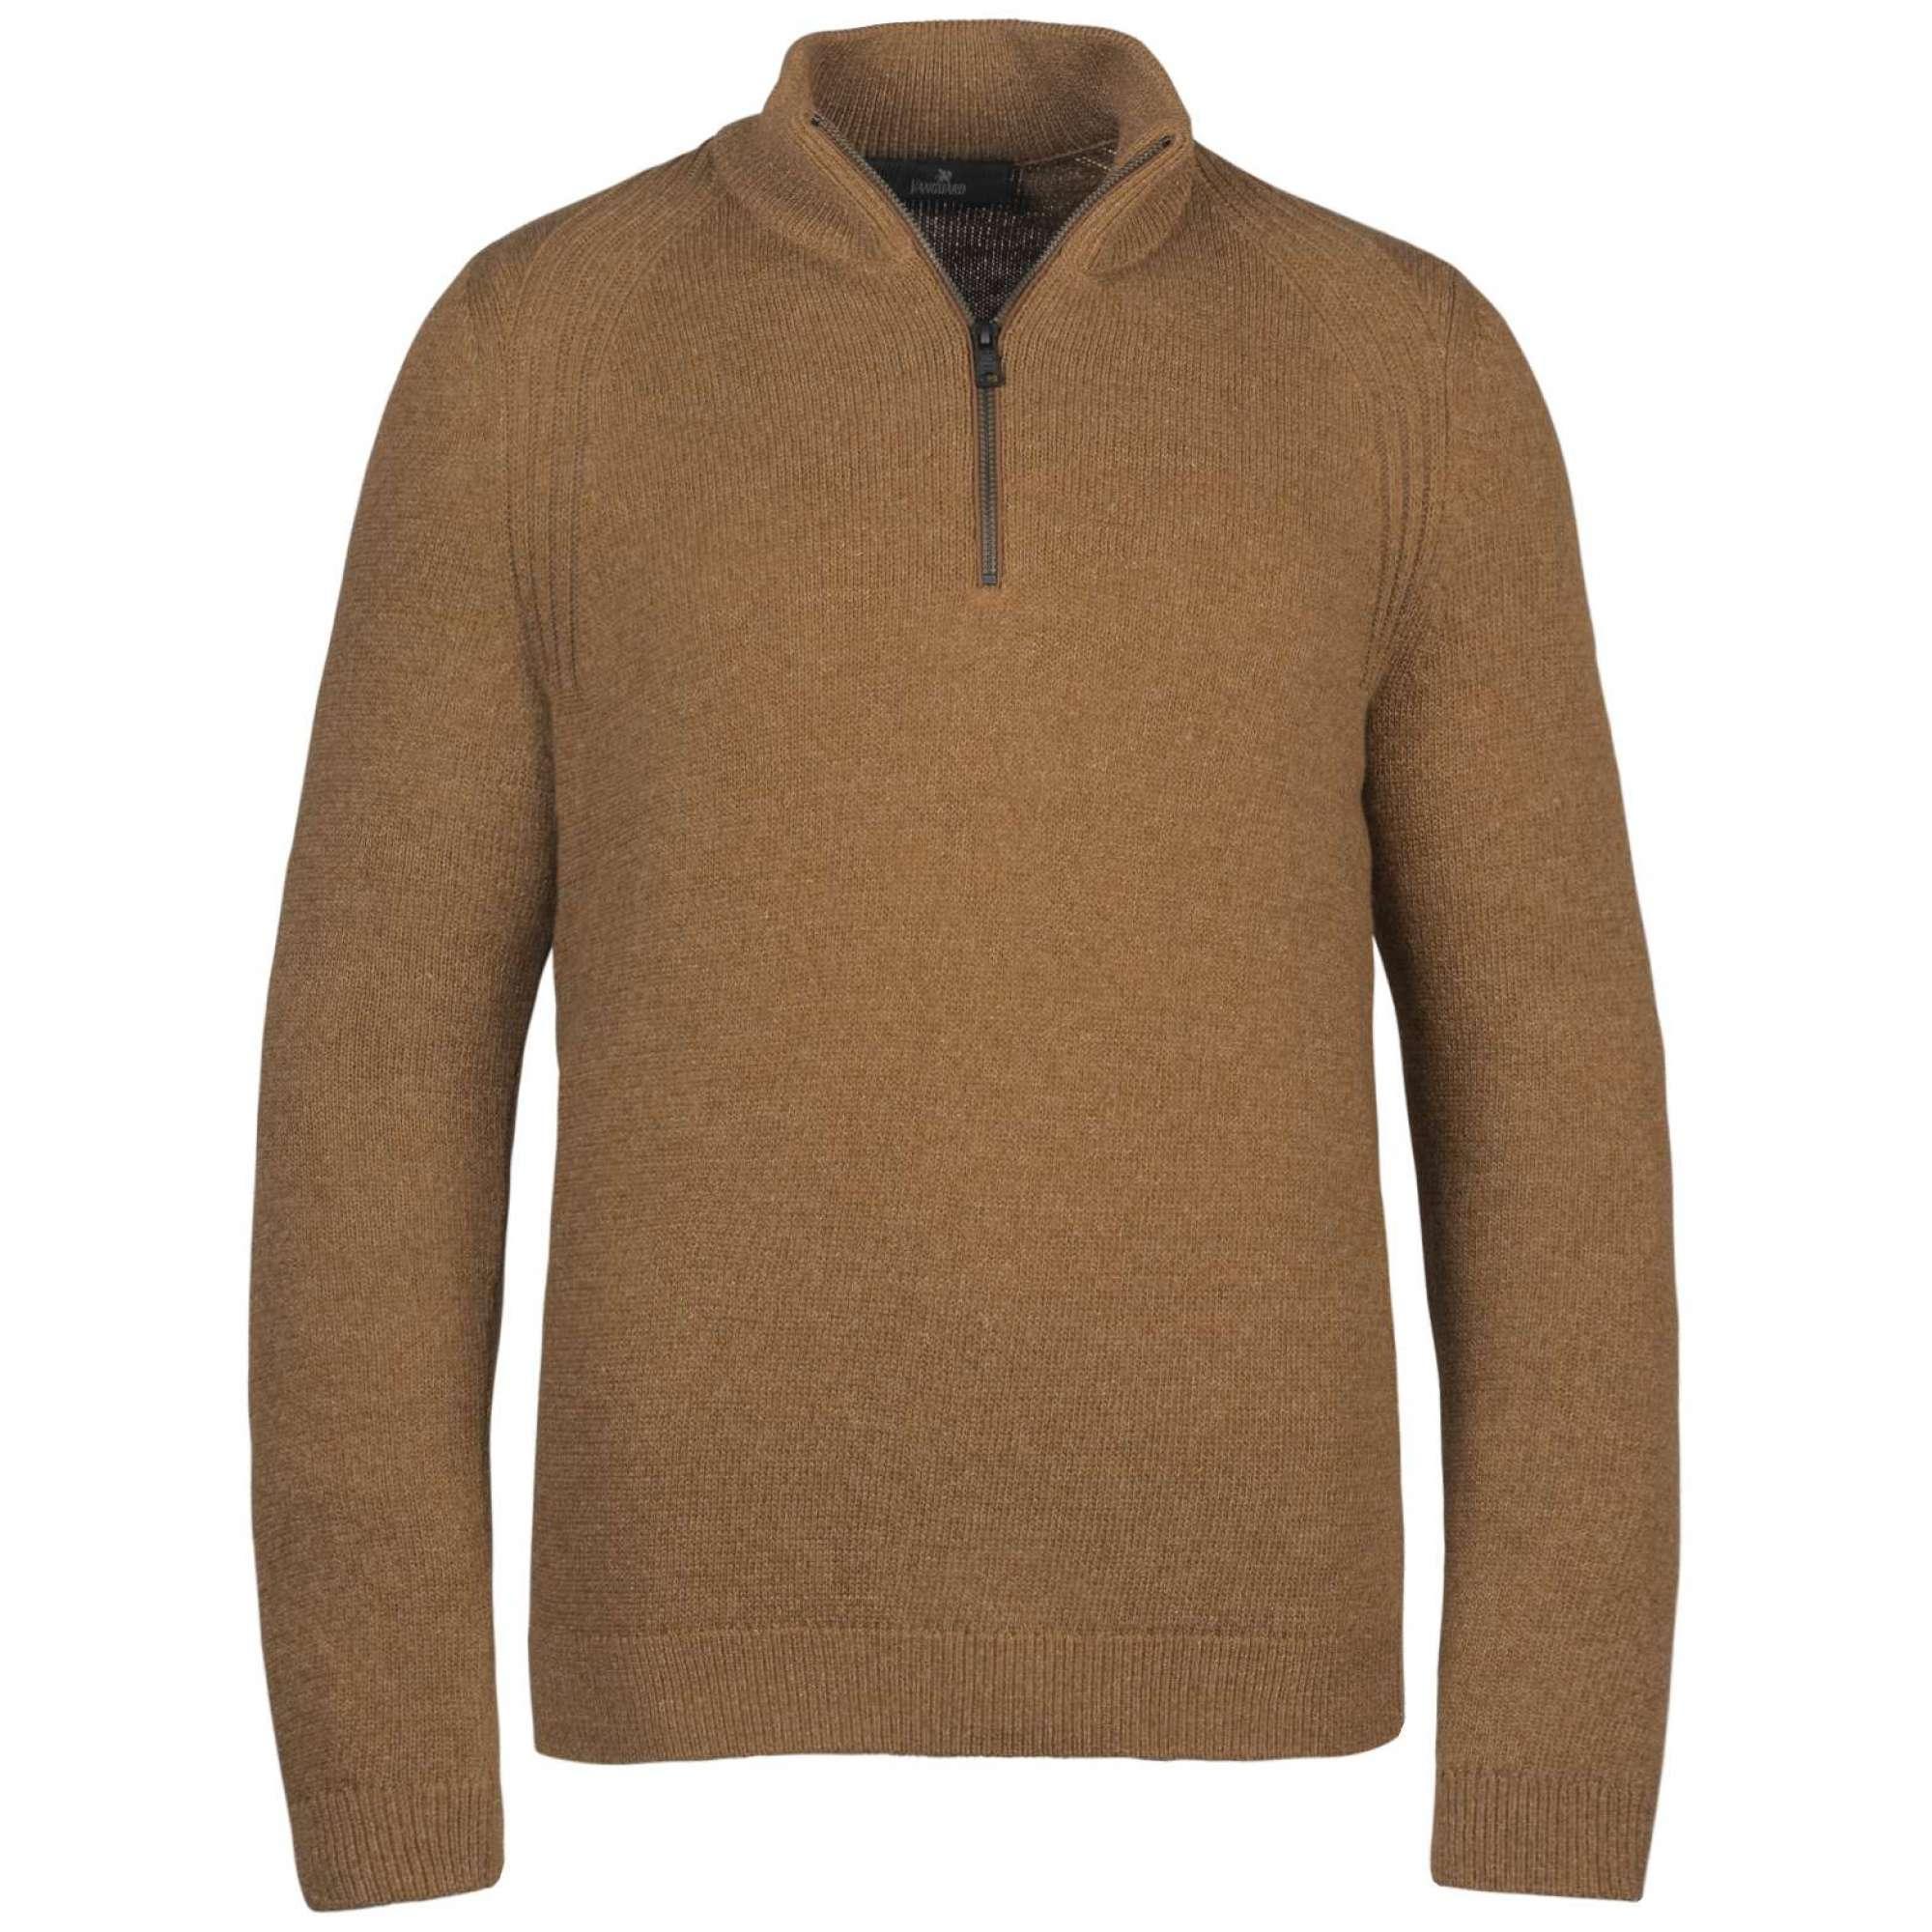 Bruin heren vest Vanguard - VKW216320-8058